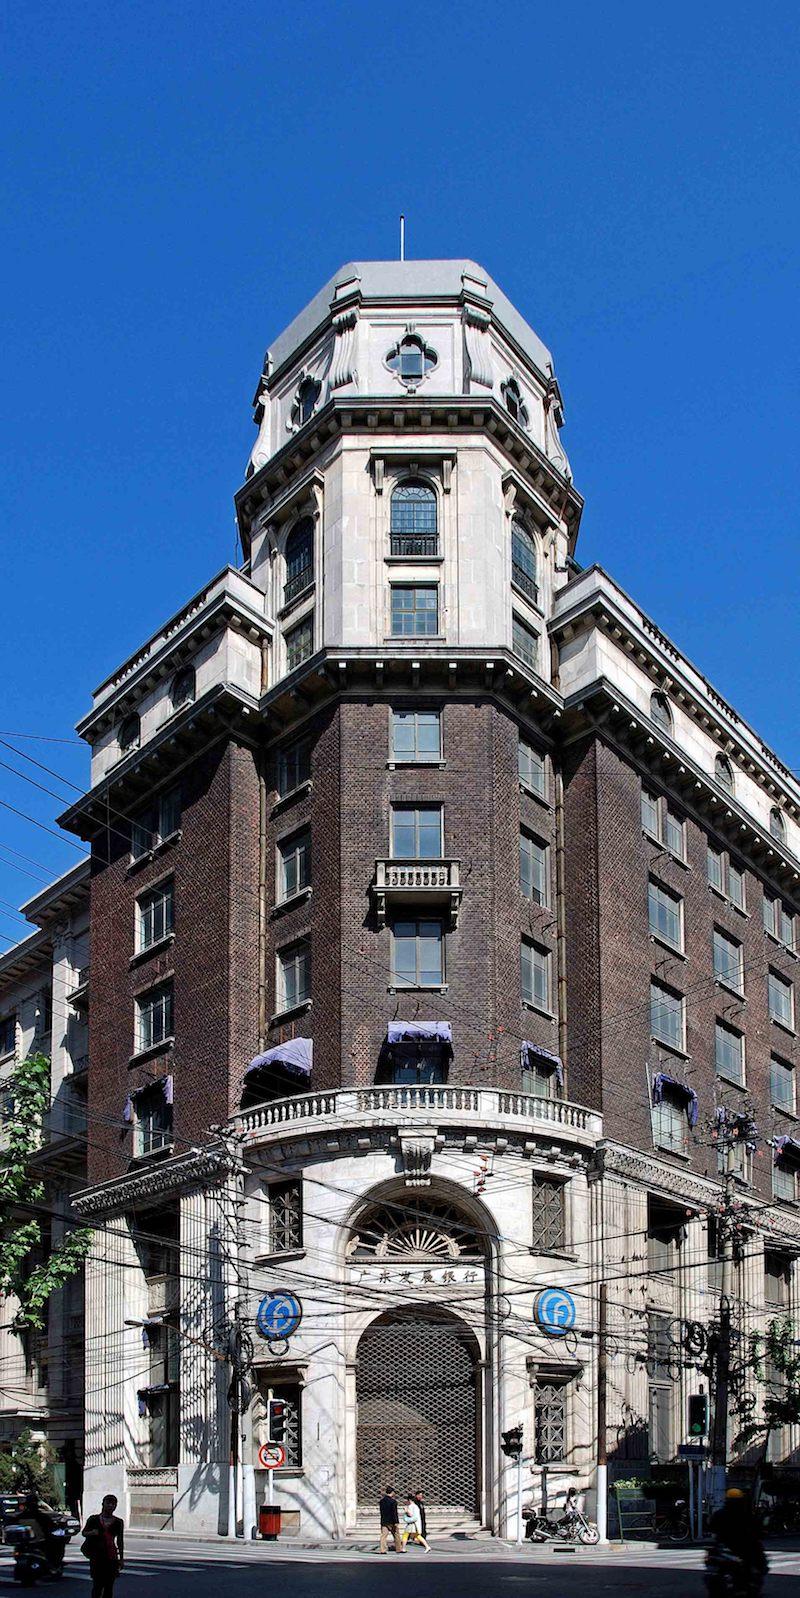 Современный фасад здания до реставрации в 2009 году. Источник: sina.com 汤德伟